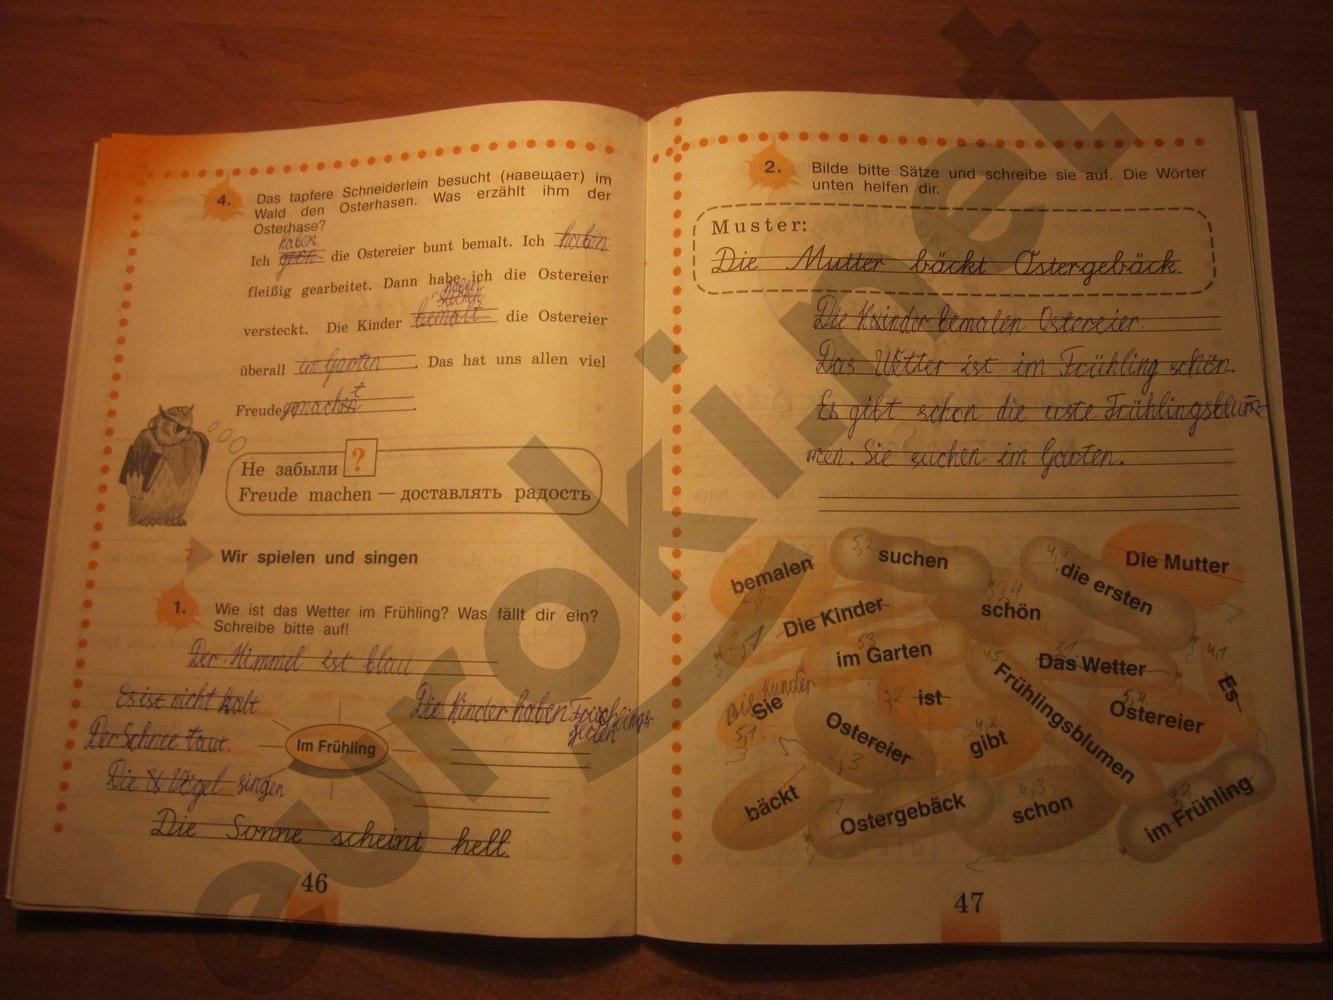 ГДЗ по немецкому языку 3 класс рабочая тетрадь Бим И.Л. Рыжова Л.И. Часть 2. Задание: стр. 46-47